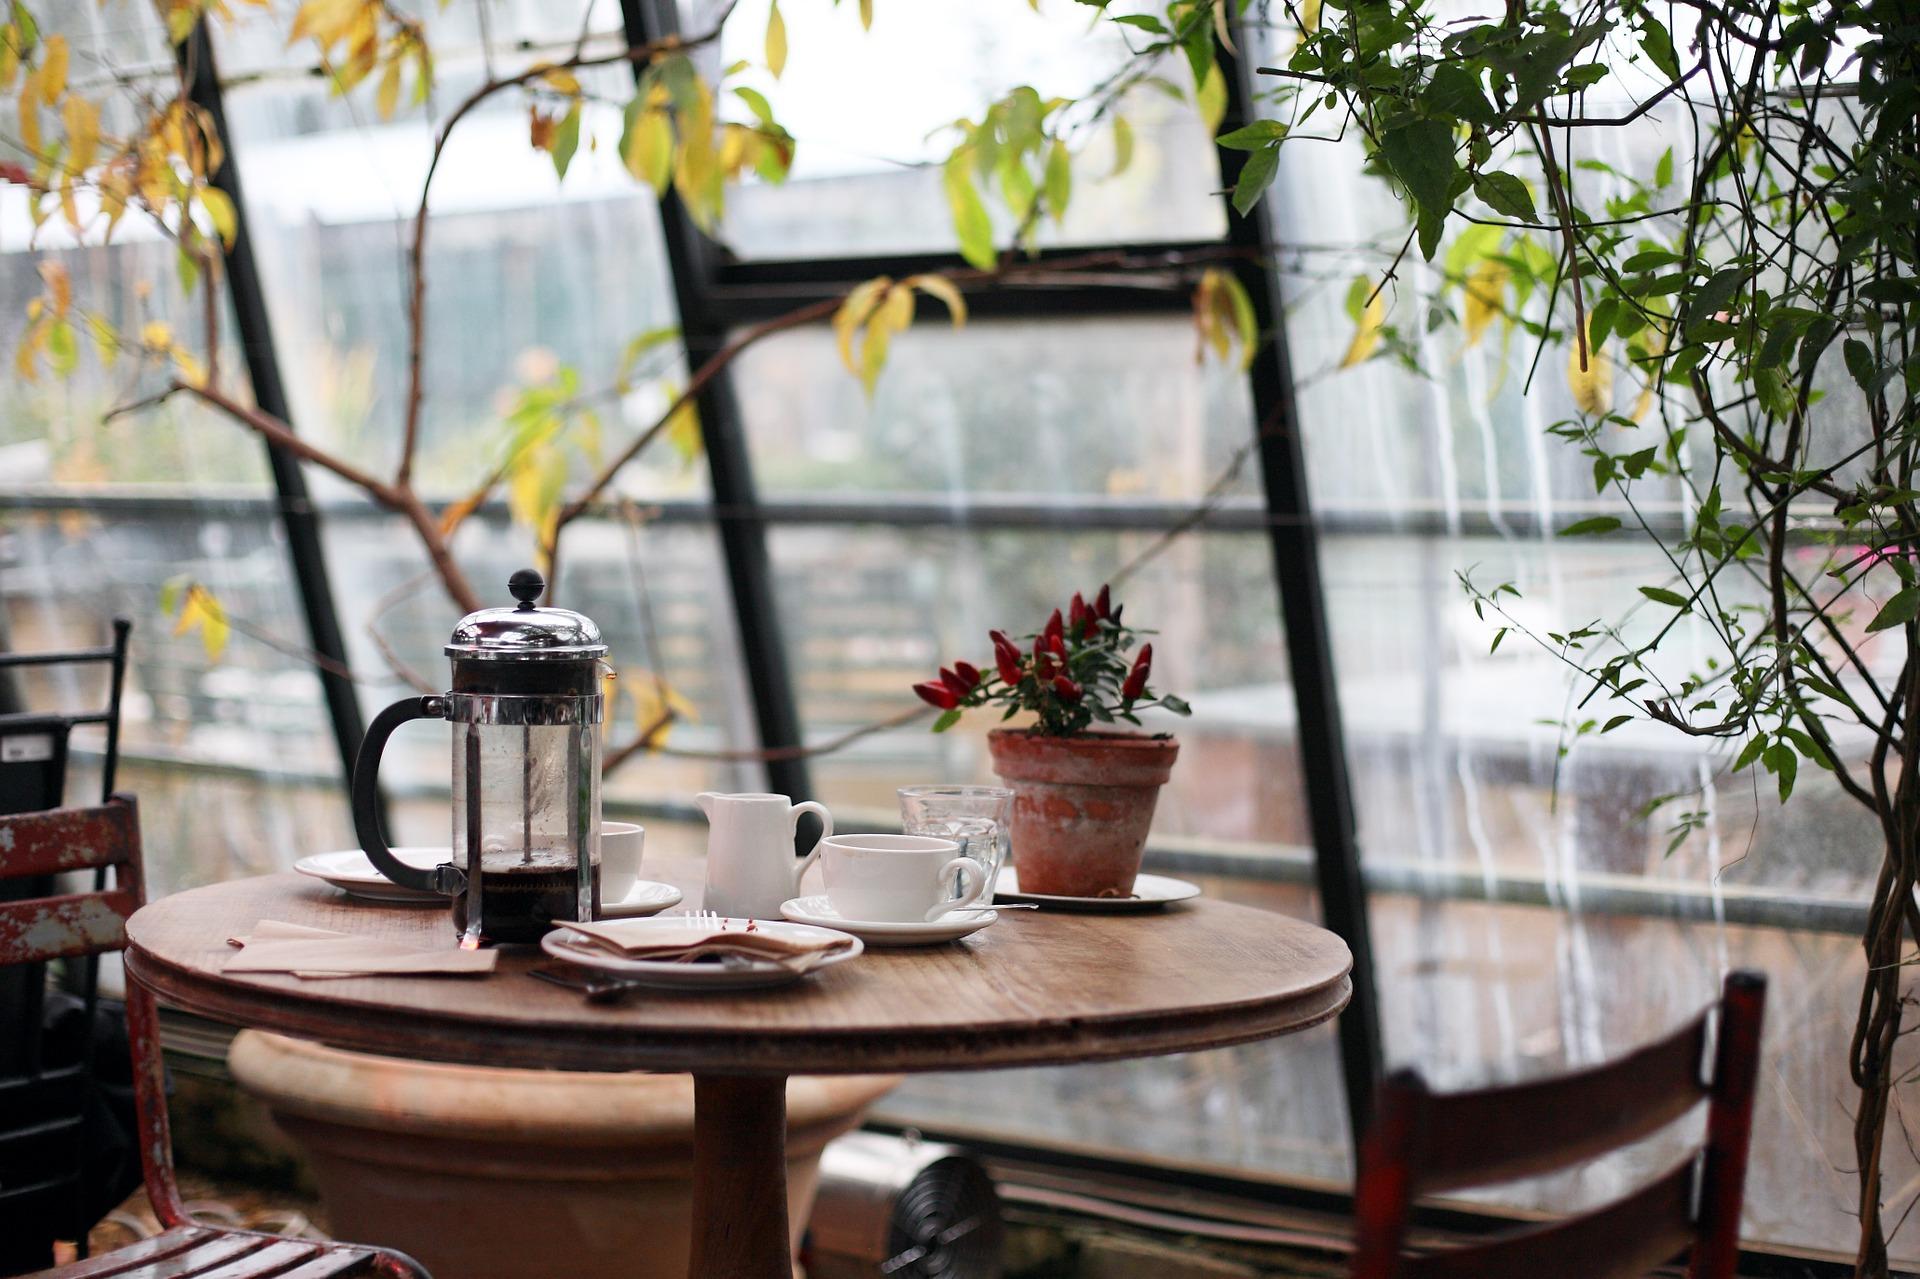 cumbalı kafe